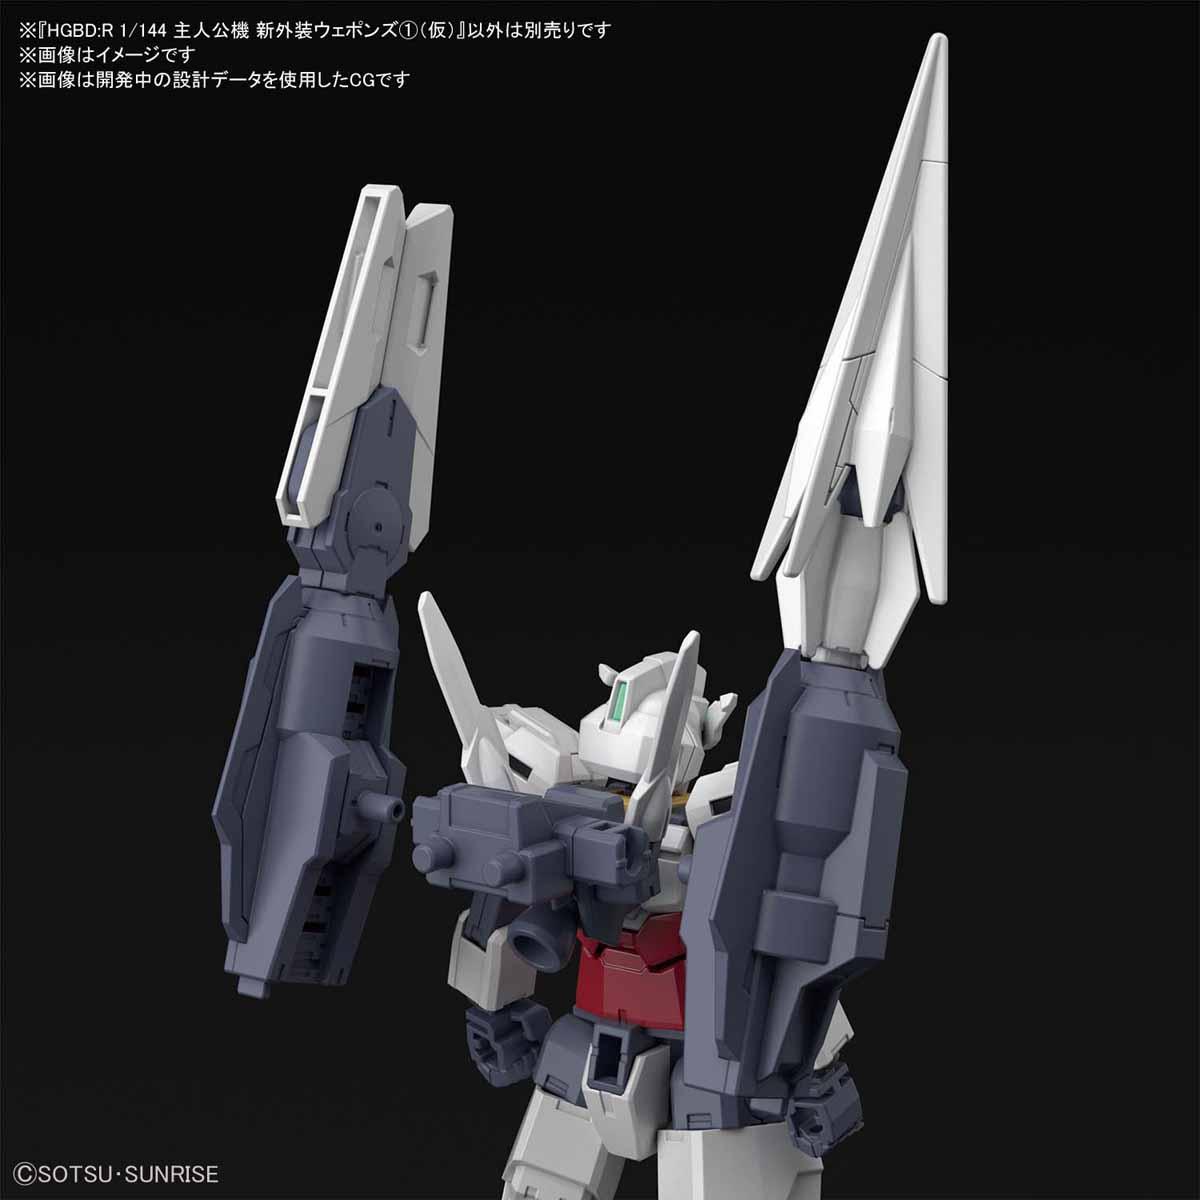 HGBD:R 1/144 主角機新武器套組① (暫名)